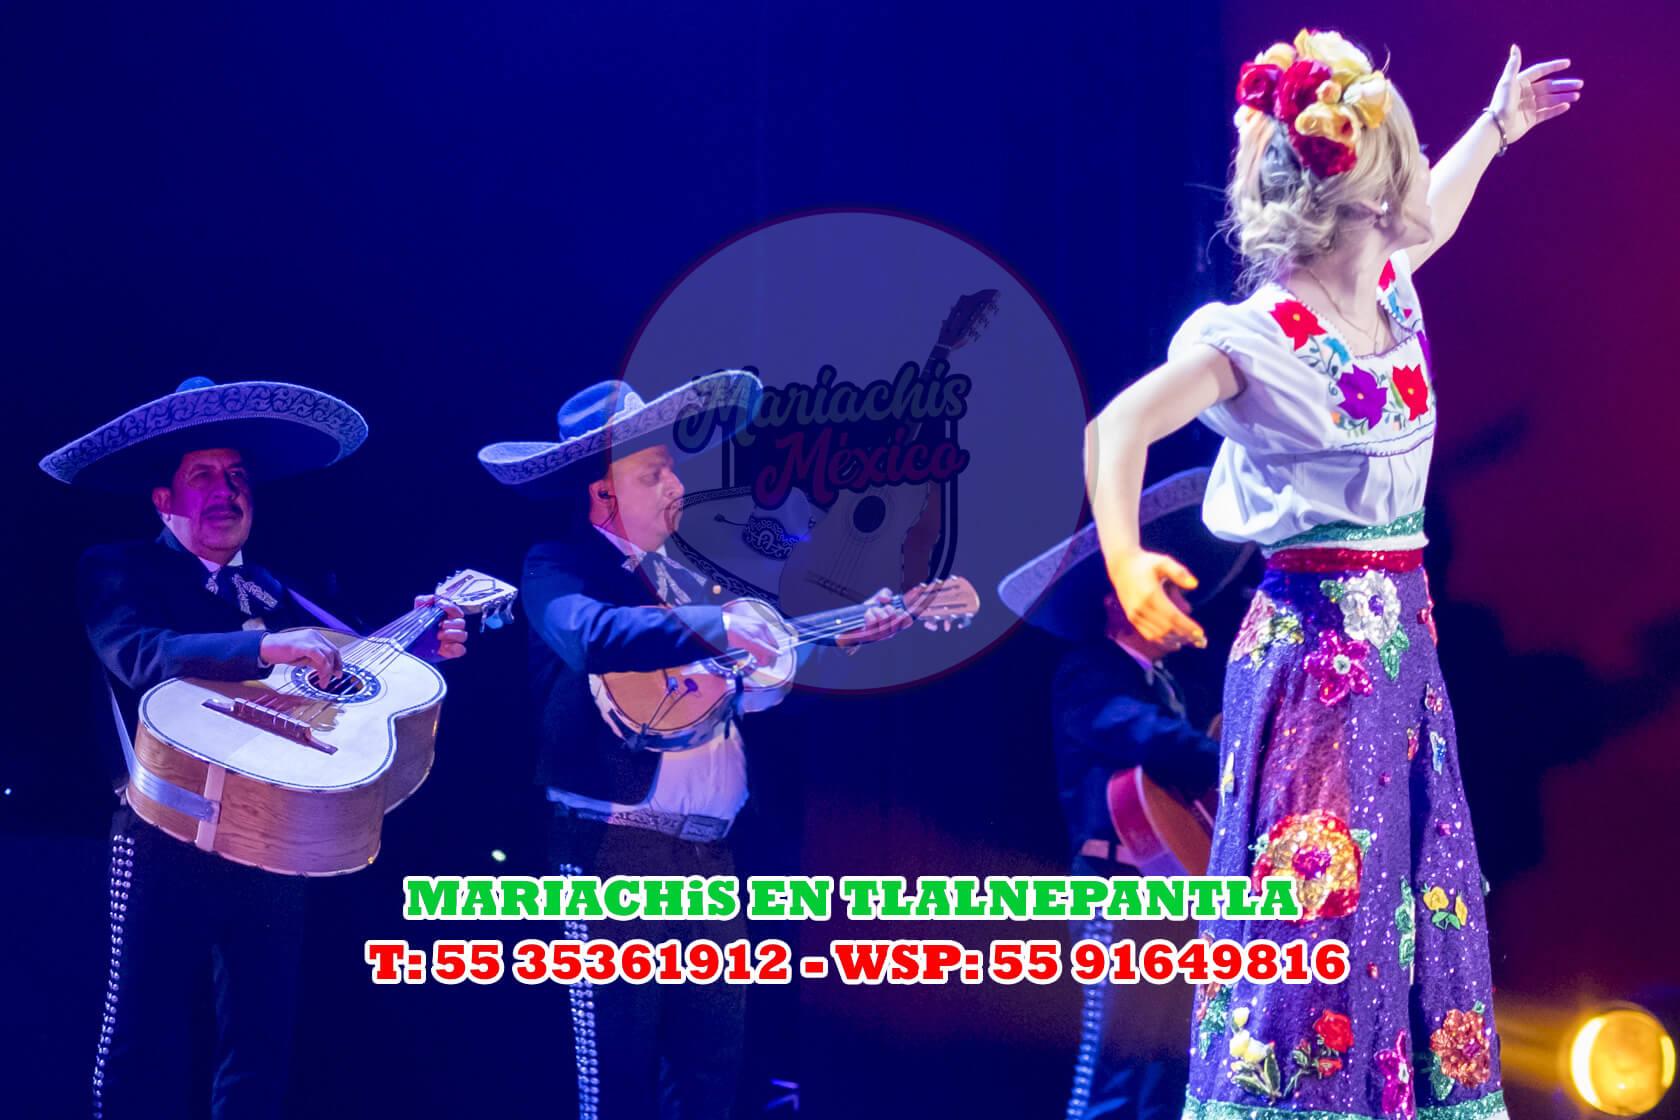 Mariachis en Tlalnepantla